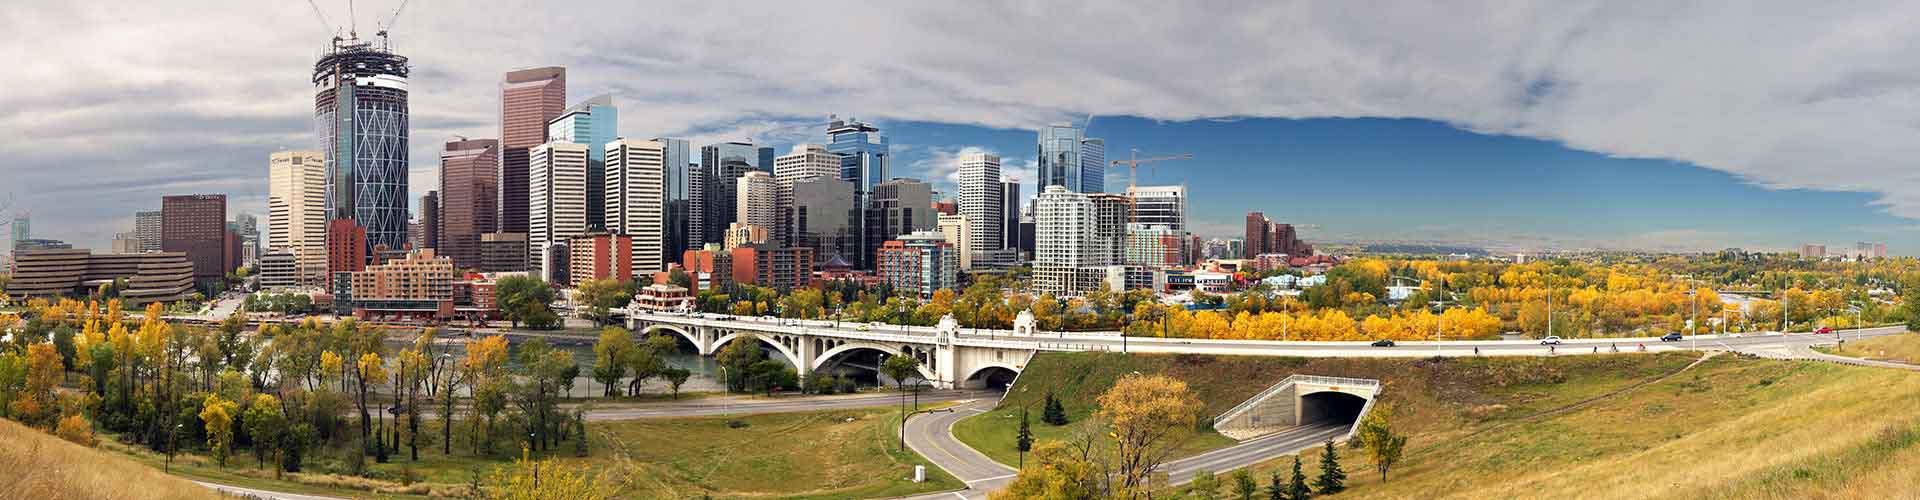 Calgary – Retkeily kaupungiosassa Kincora. Calgary -karttoja, valokuvia ja arvosteluja kaikista Calgary -retkeilyalueista.